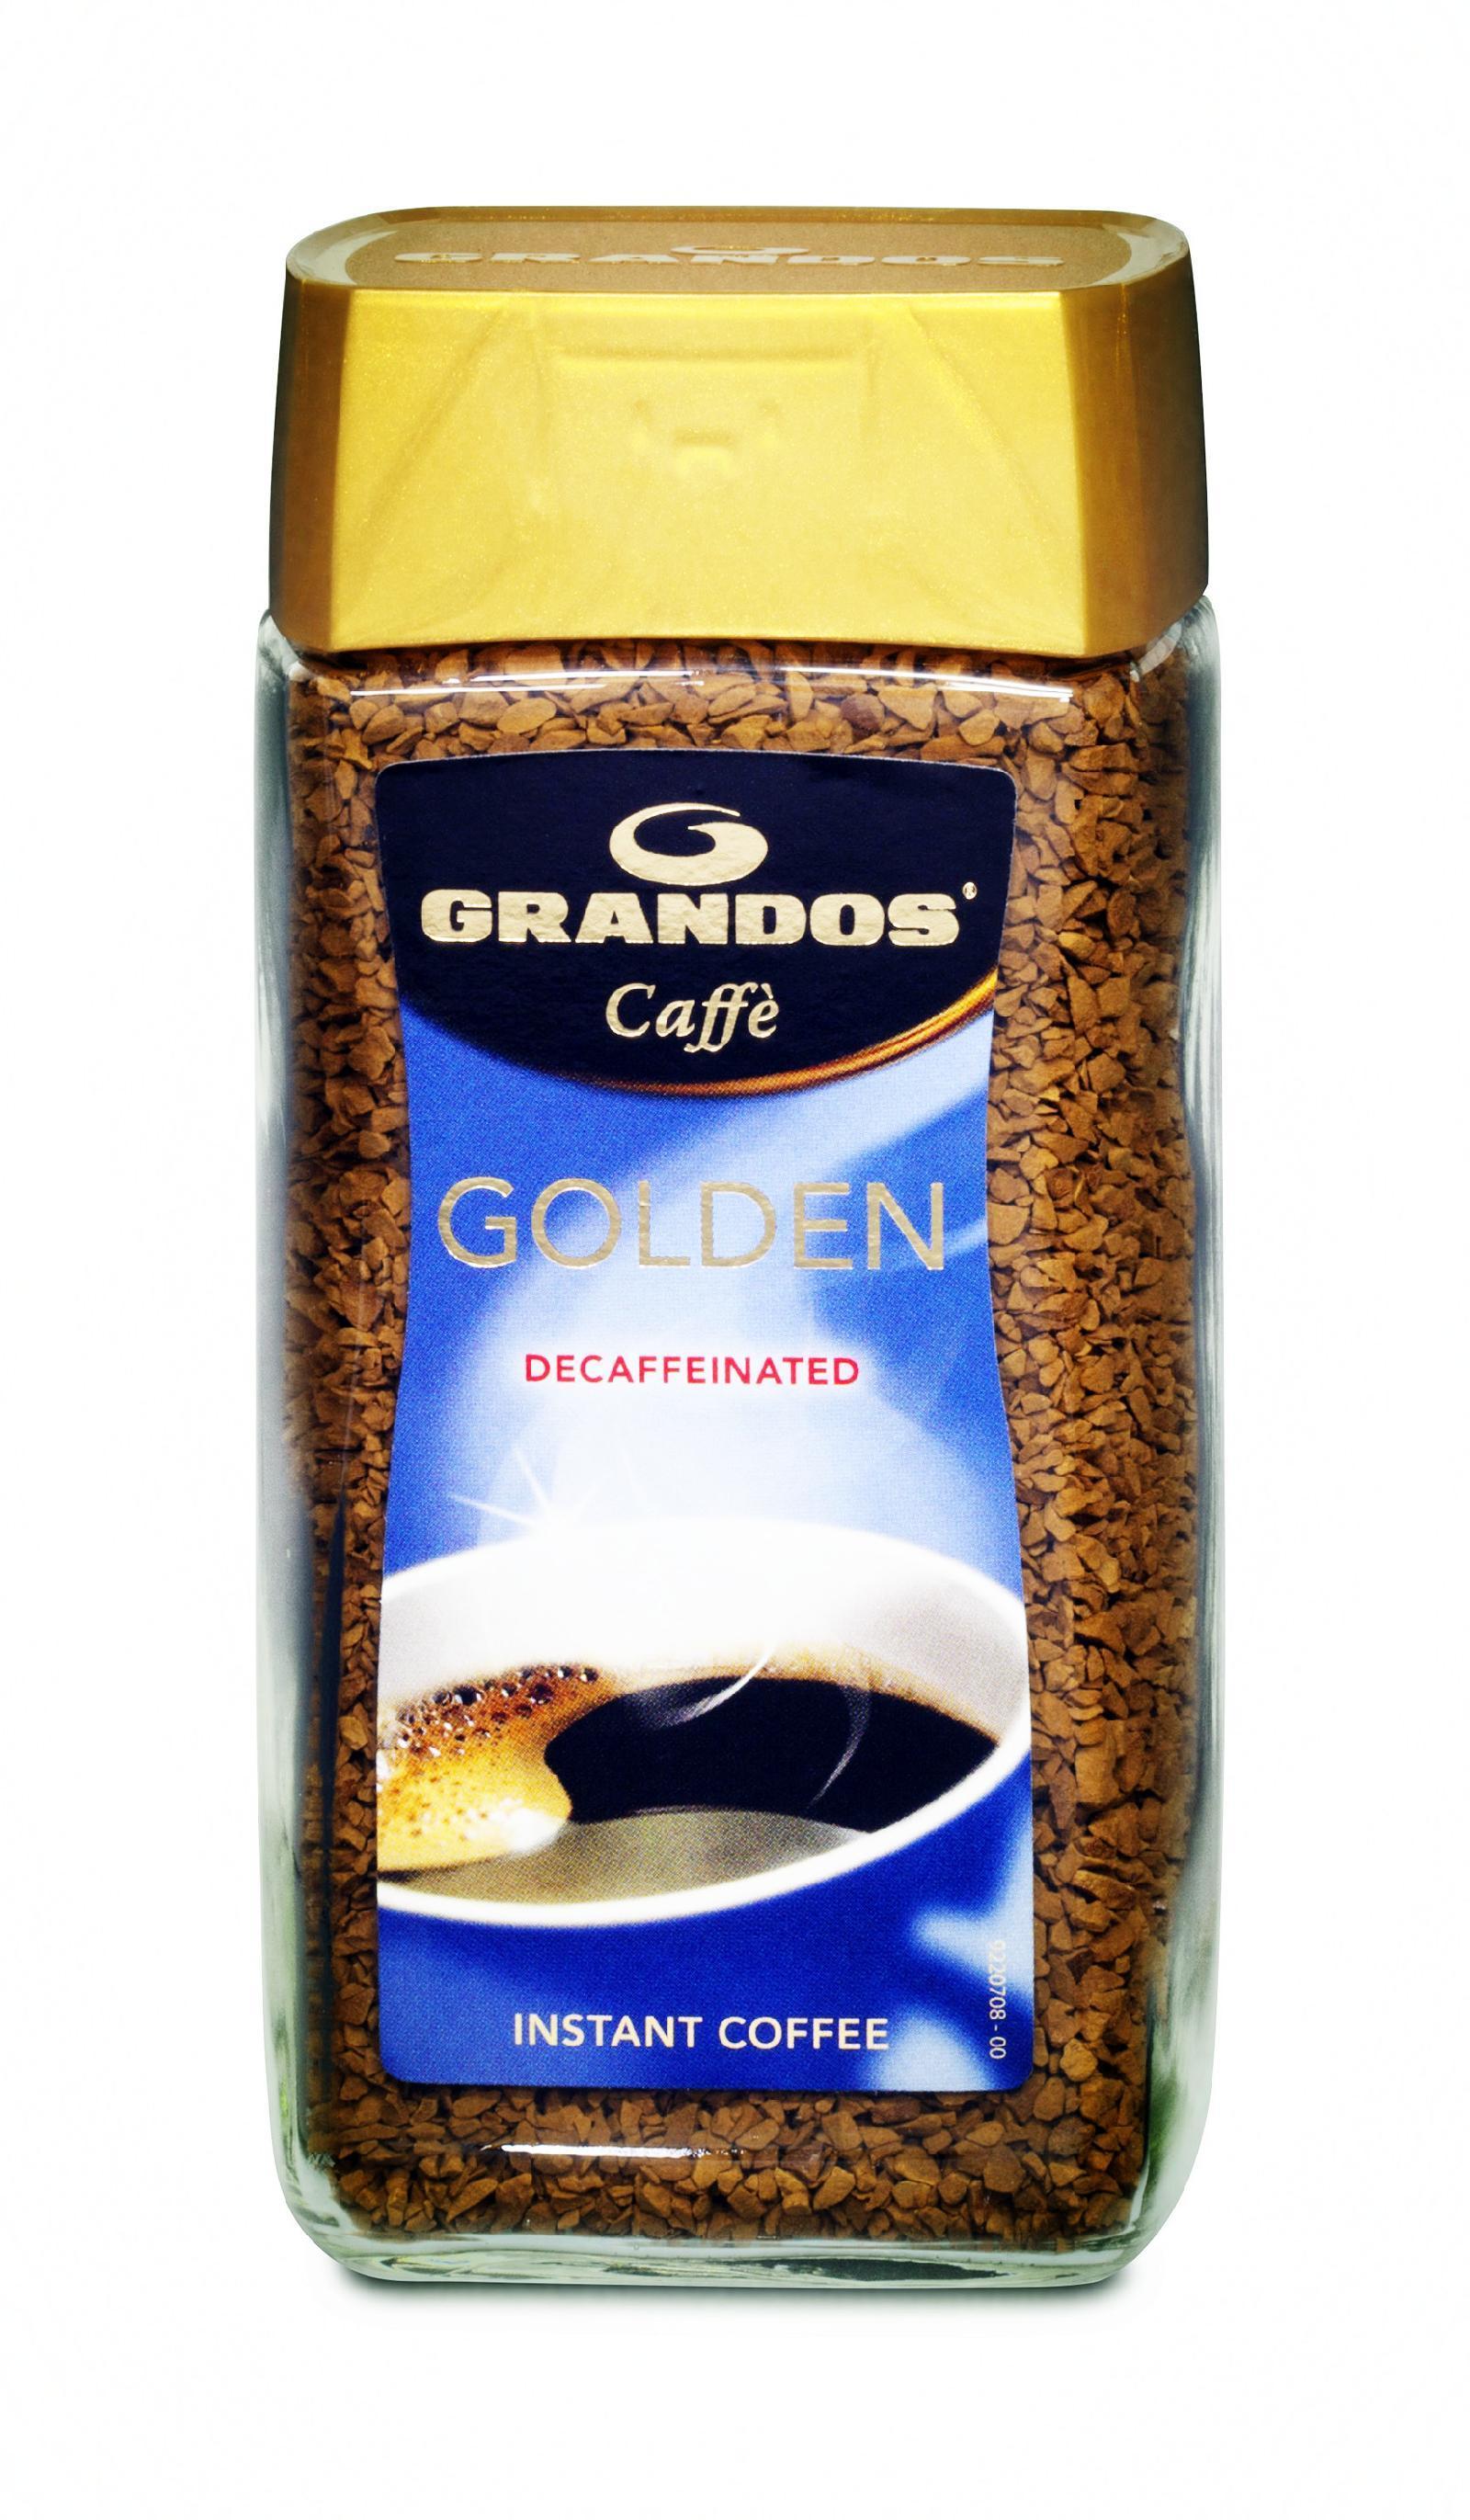 格兰特脱咖啡因黑咖啡